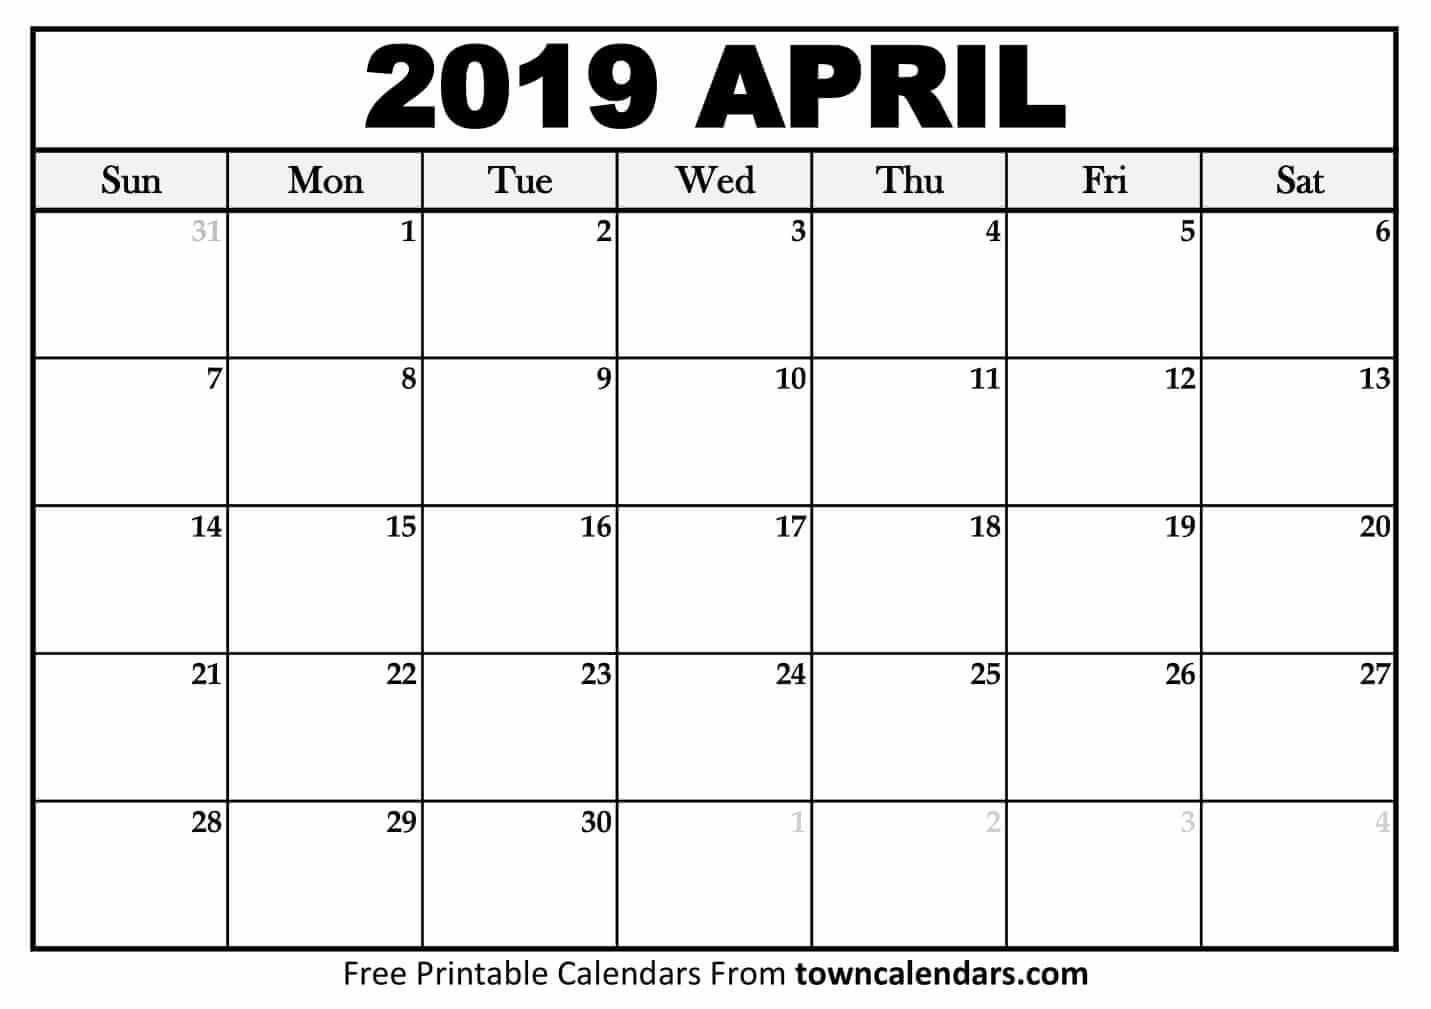 April 2019 Calendar Pdf | April 2019 Calendar | February Calendar A Calendar For April 2019